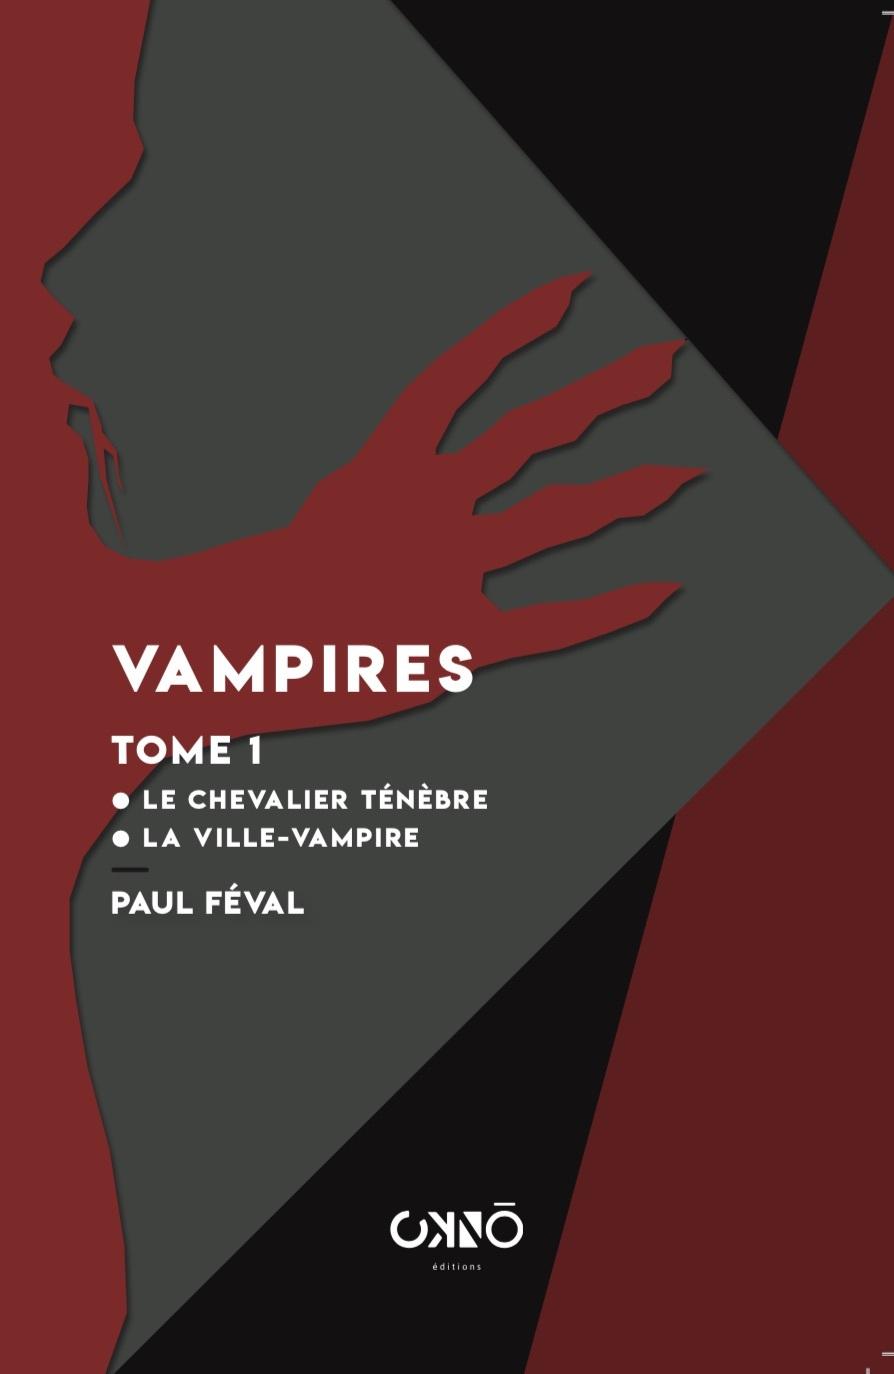 VAMPIRES TOME 1 - LE CHEVALIER TENEBRE - LA VAMPIRE